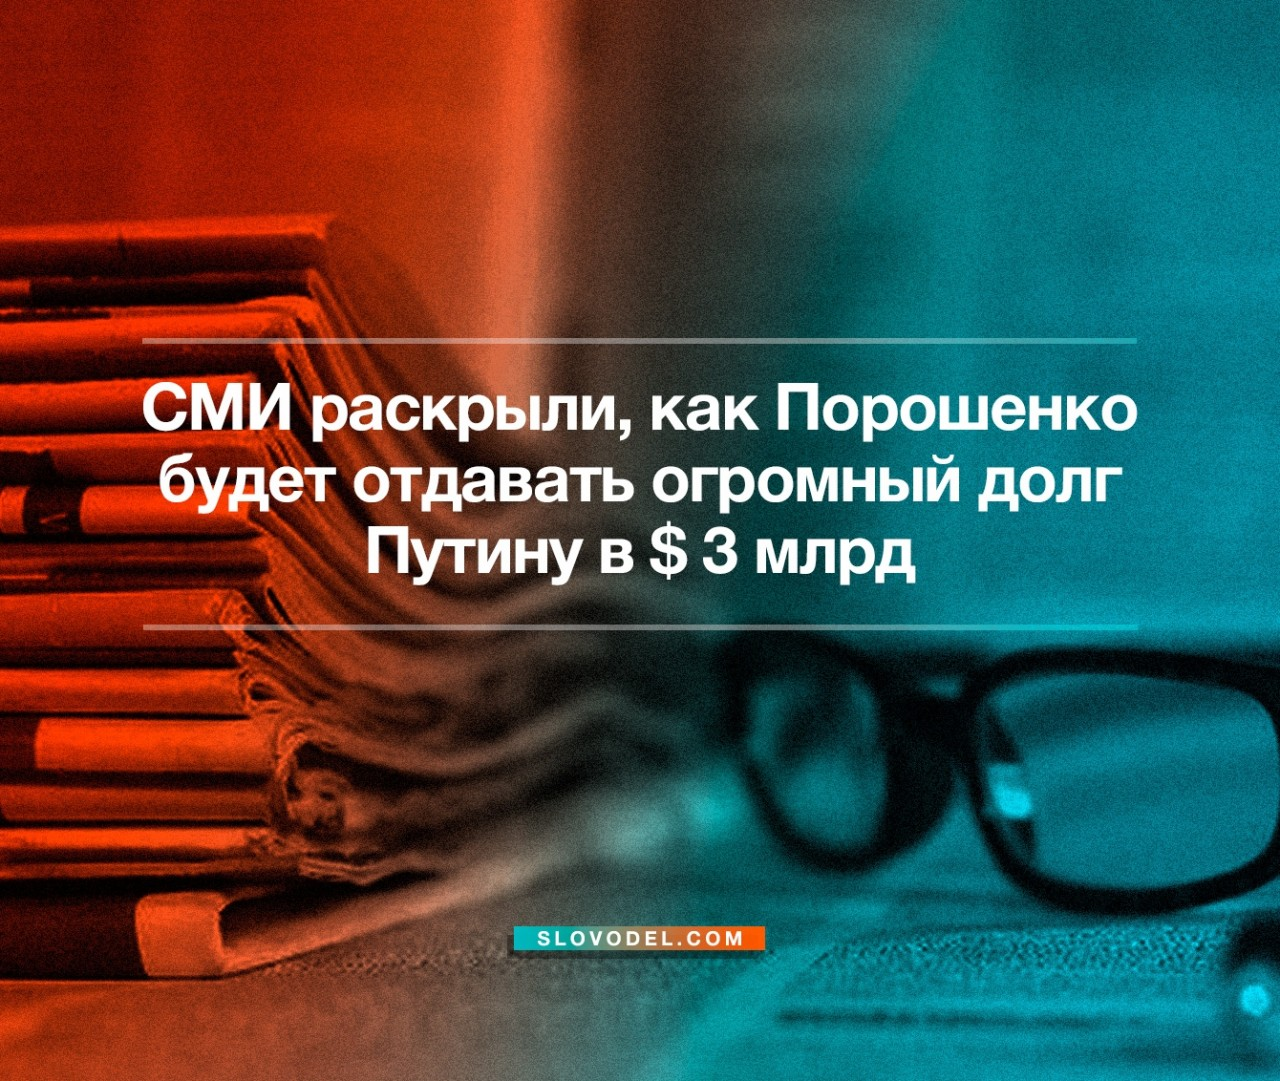 СМИ раскрыли, как Порошенко будет отдавать огромный долг Путину в $ 3 млрд